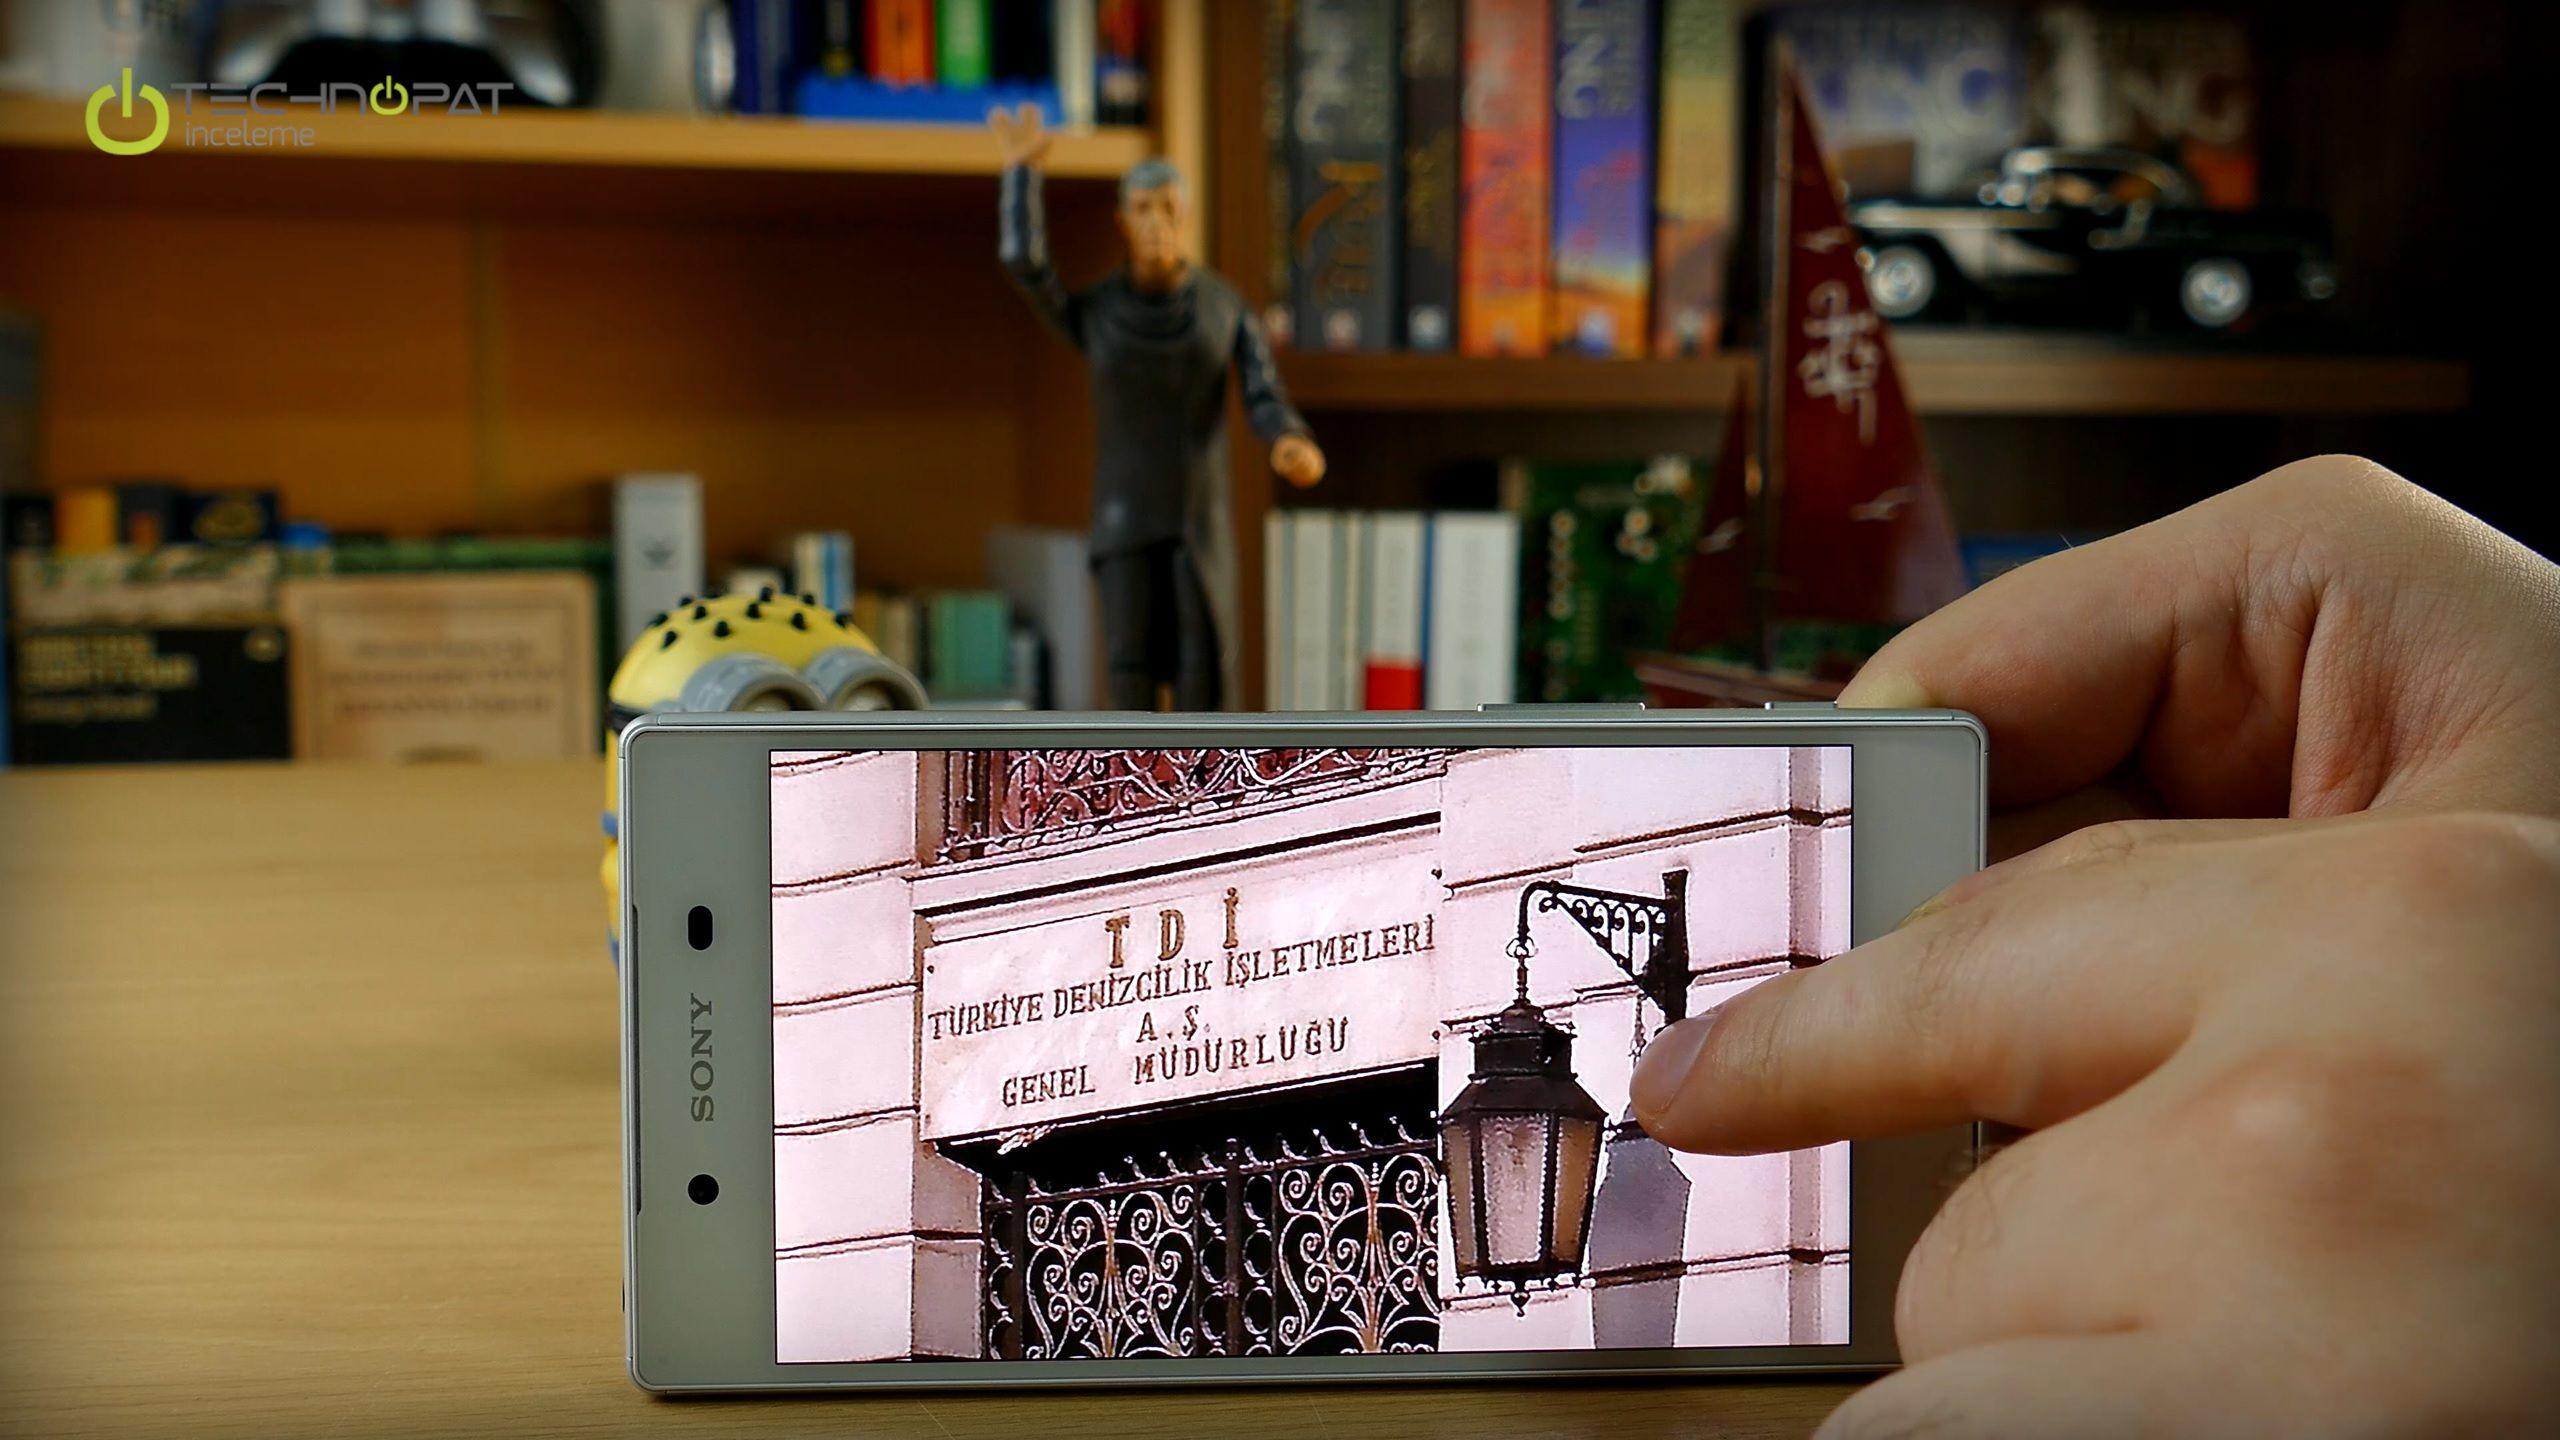 Xperia Z5 - Dijital zoom yaptığınızda pikseller arası keskinlik yerine bir suluboya efekti gibi piksellerin kaynaştırıldığını görüyorsunuz